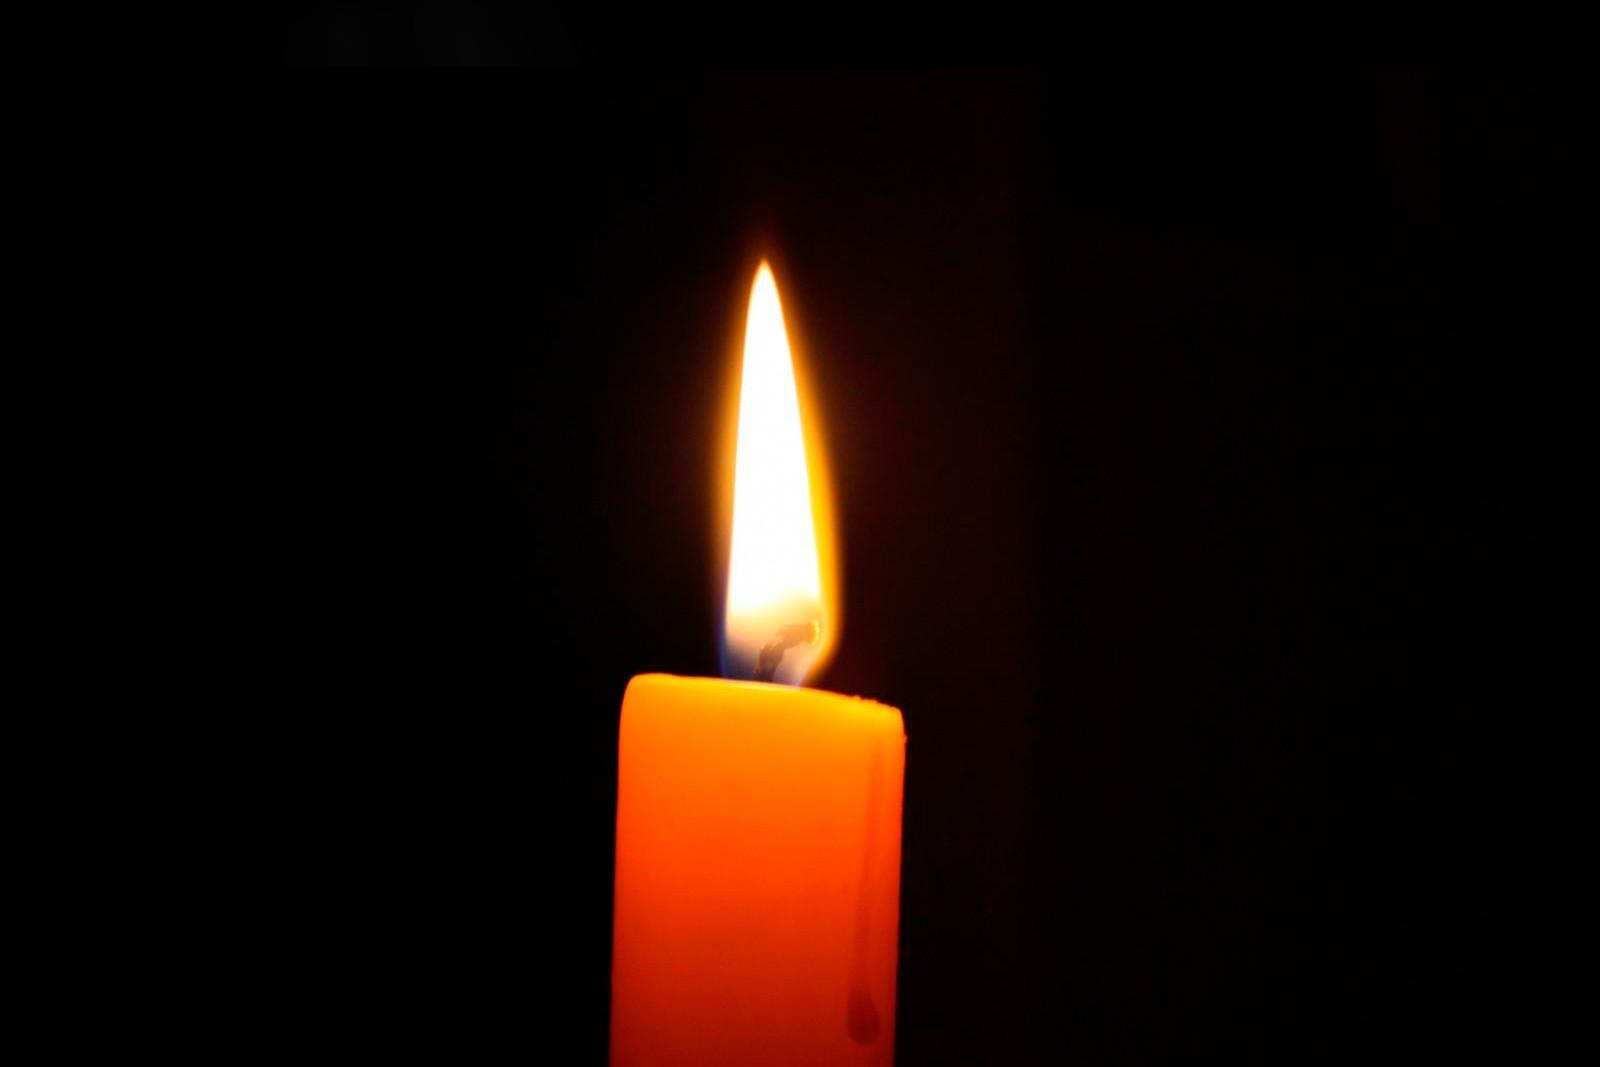 Зажечь свечу, чтобы разжечь воображение